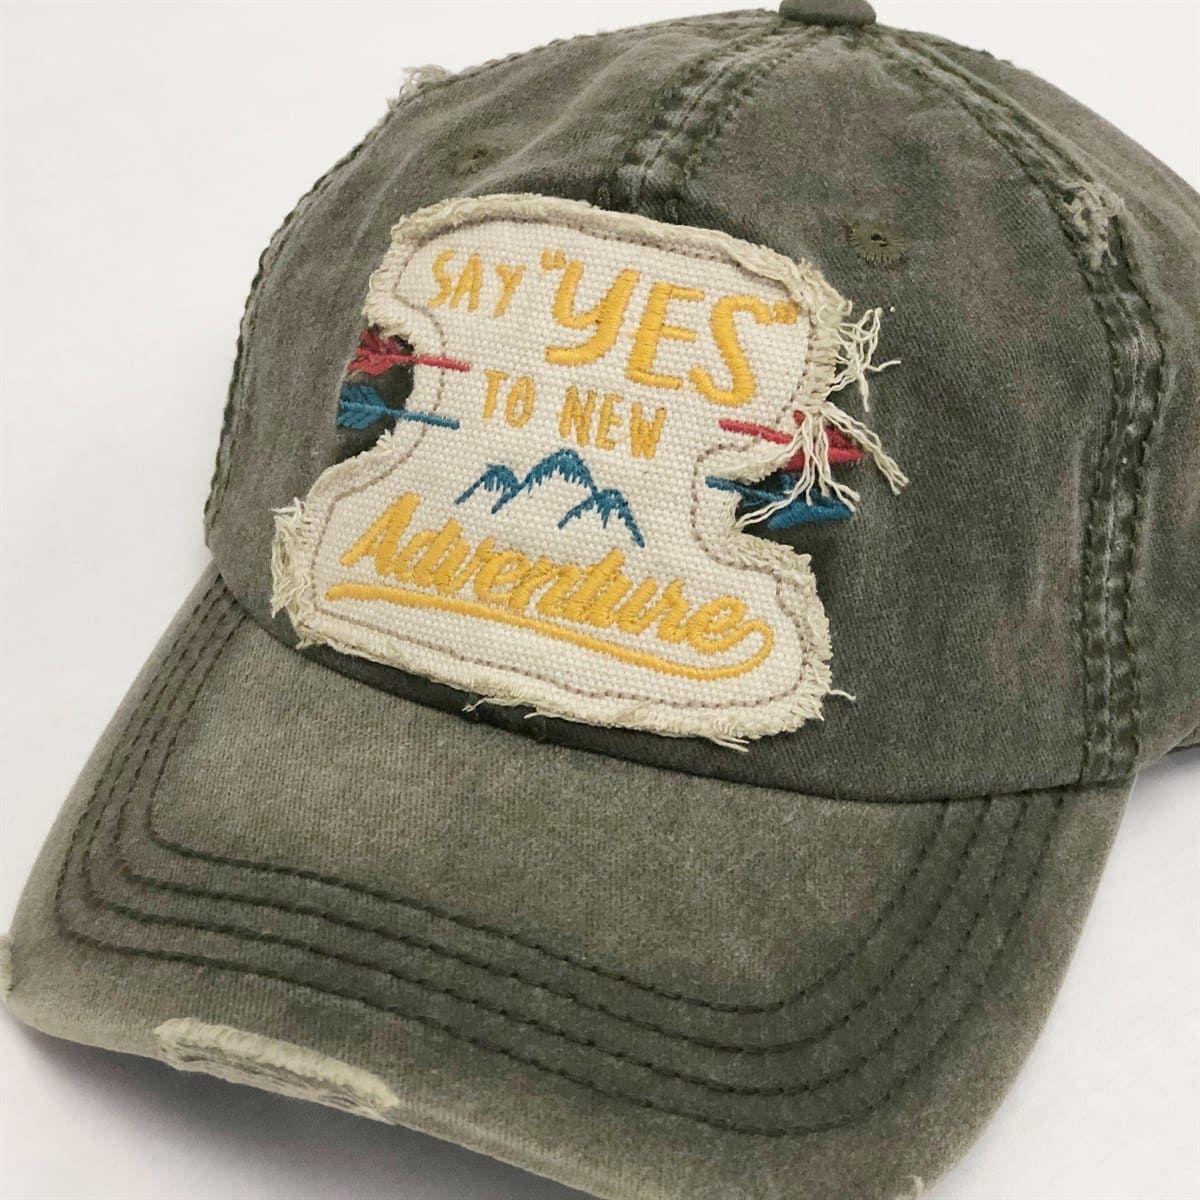 Vintage Baseball Caps Vintage Baseball Caps Vintage Cap Baseball Cap